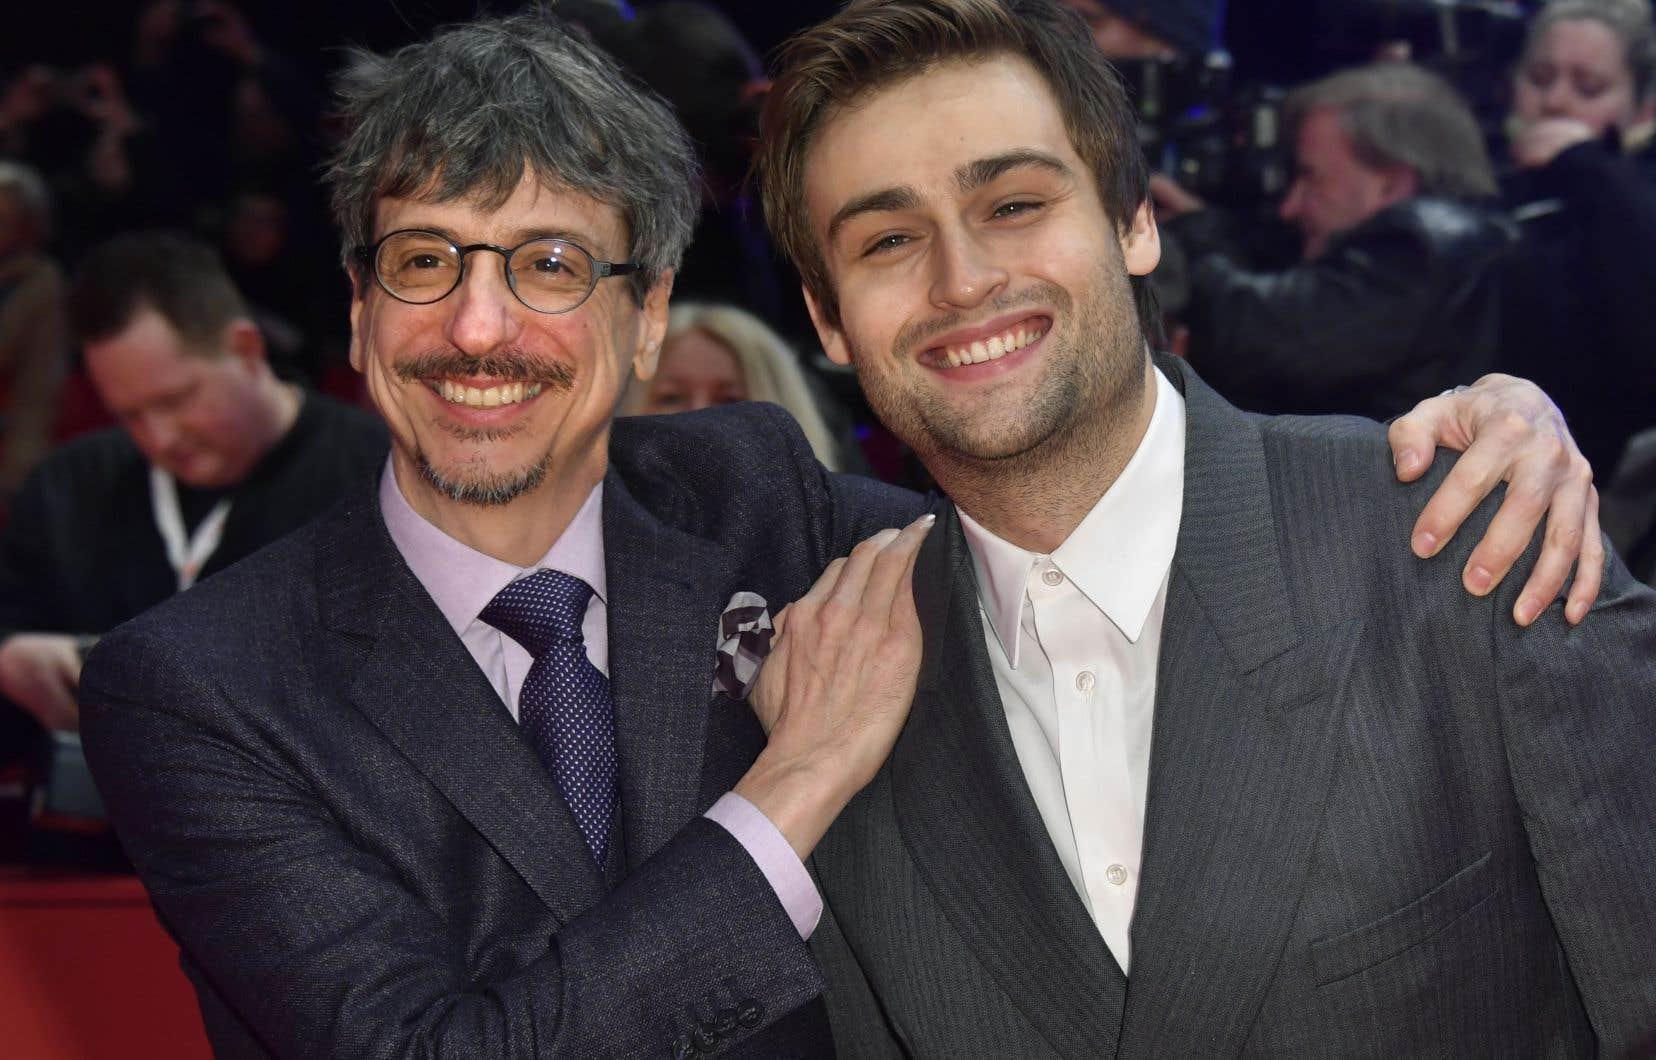 Philippe Falardeau en compagnie de Douglas Booth, l'un des acteurs de son plus récent film